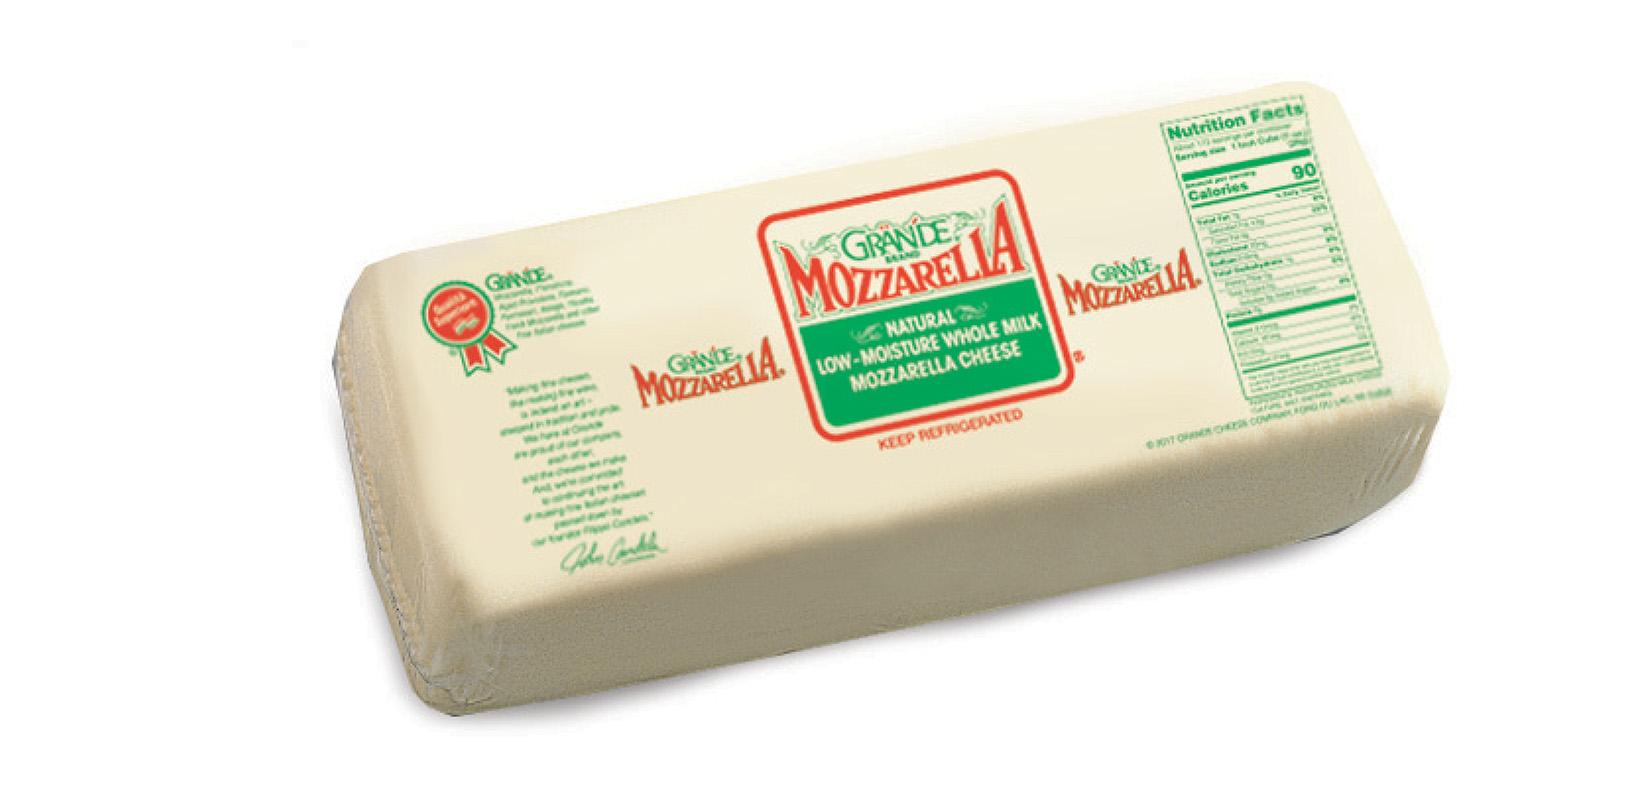 Grande Whole Milk Mozzarella Cheese